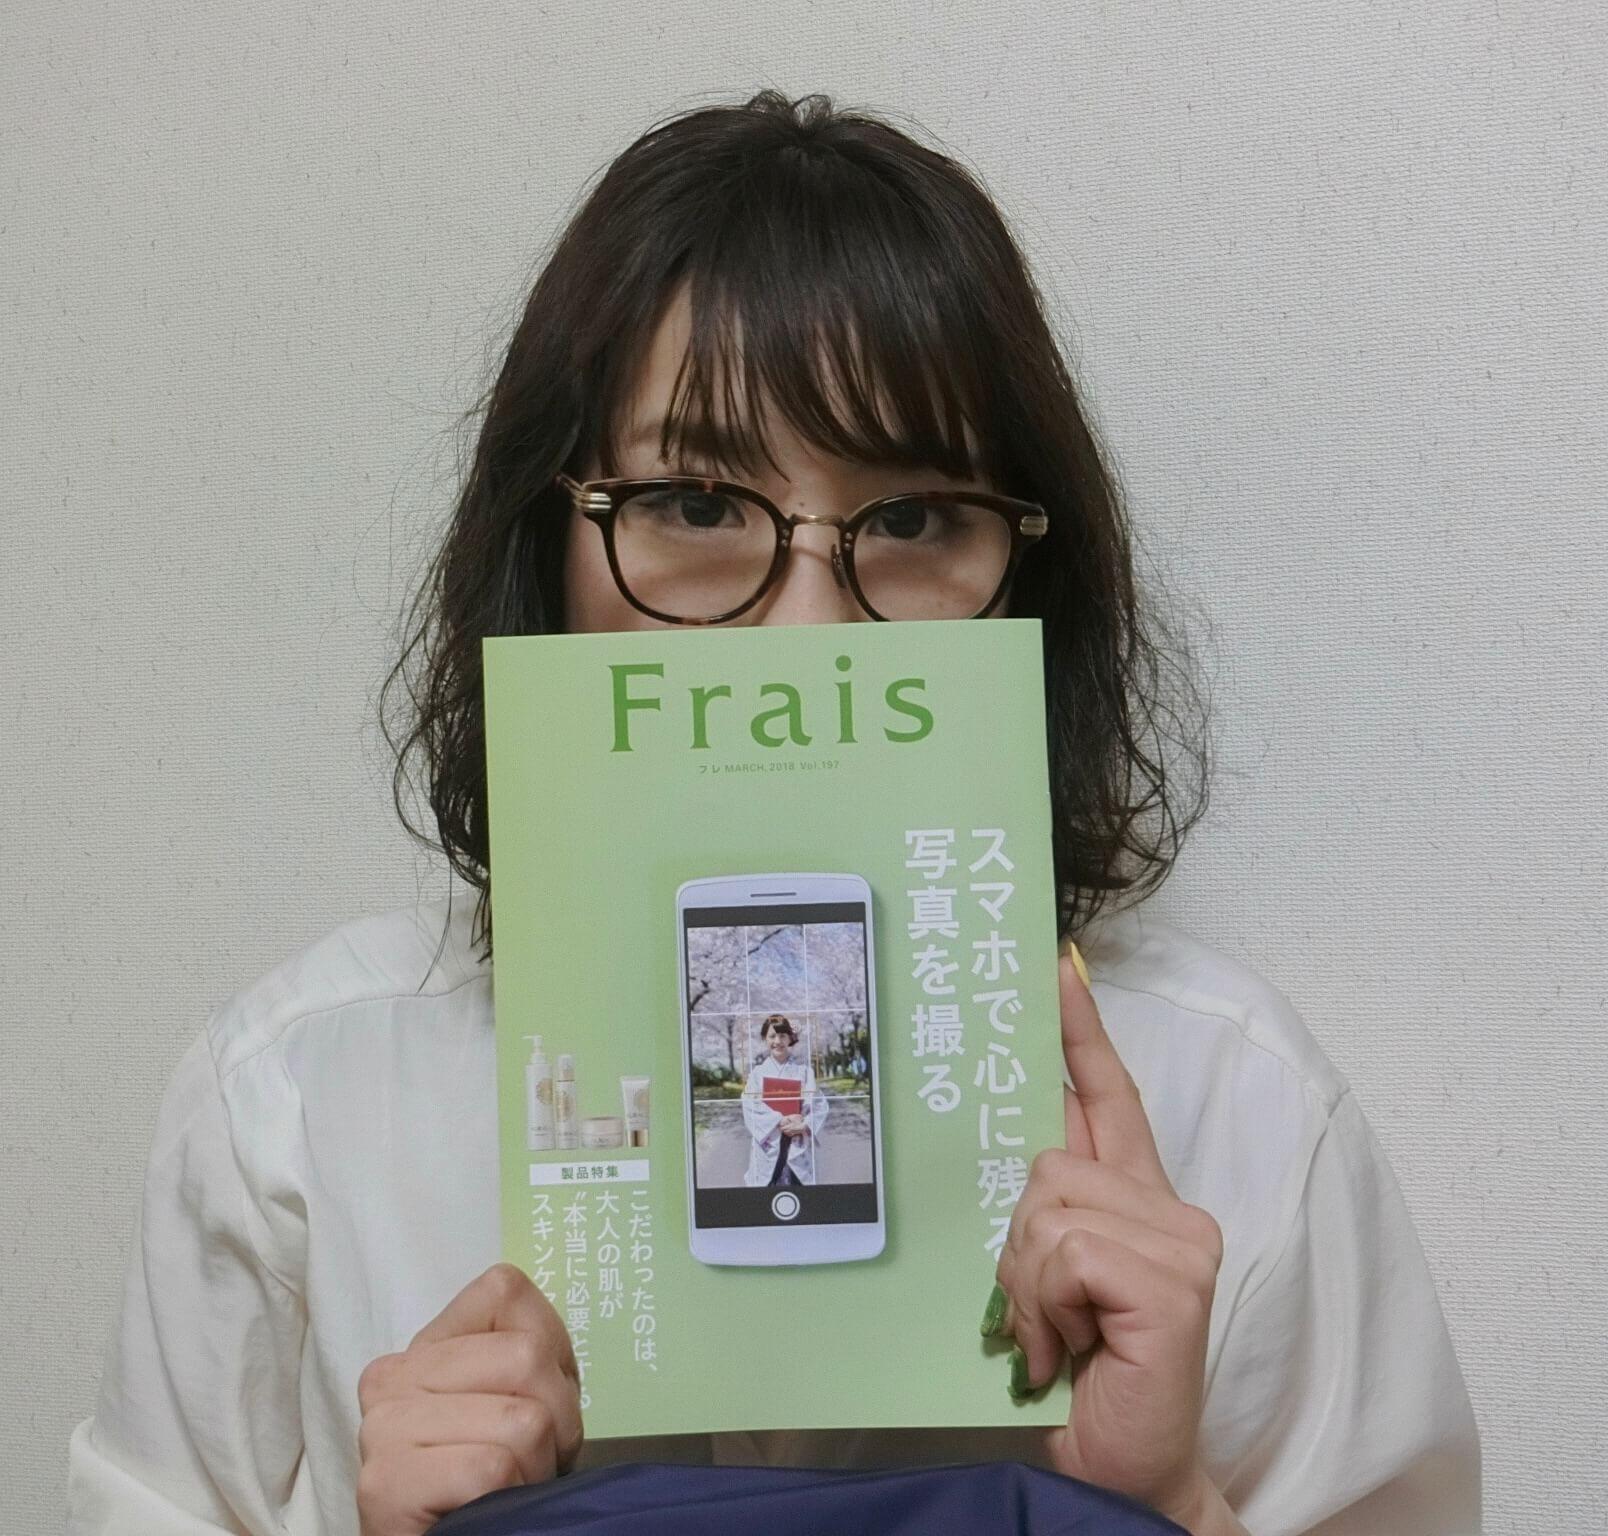 『Frais』に掲載頂きました☆